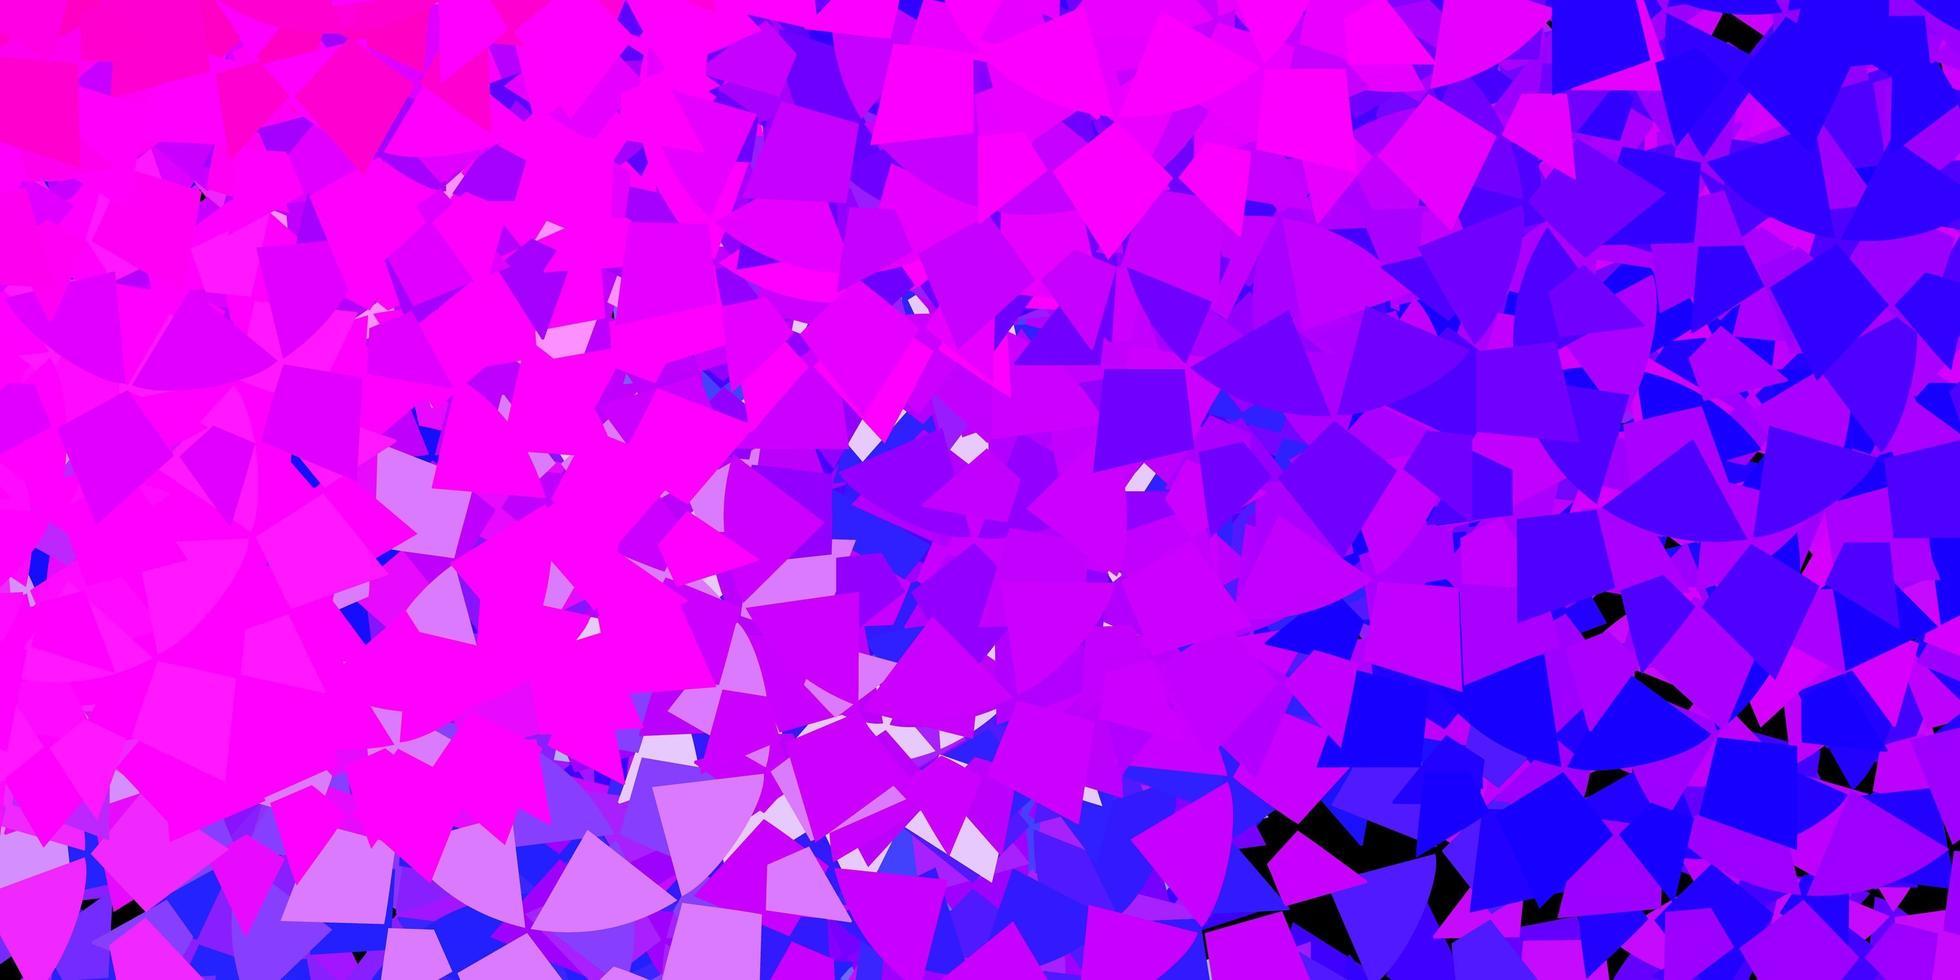 rosa und blaues Dreieck formt Vorlage vektor